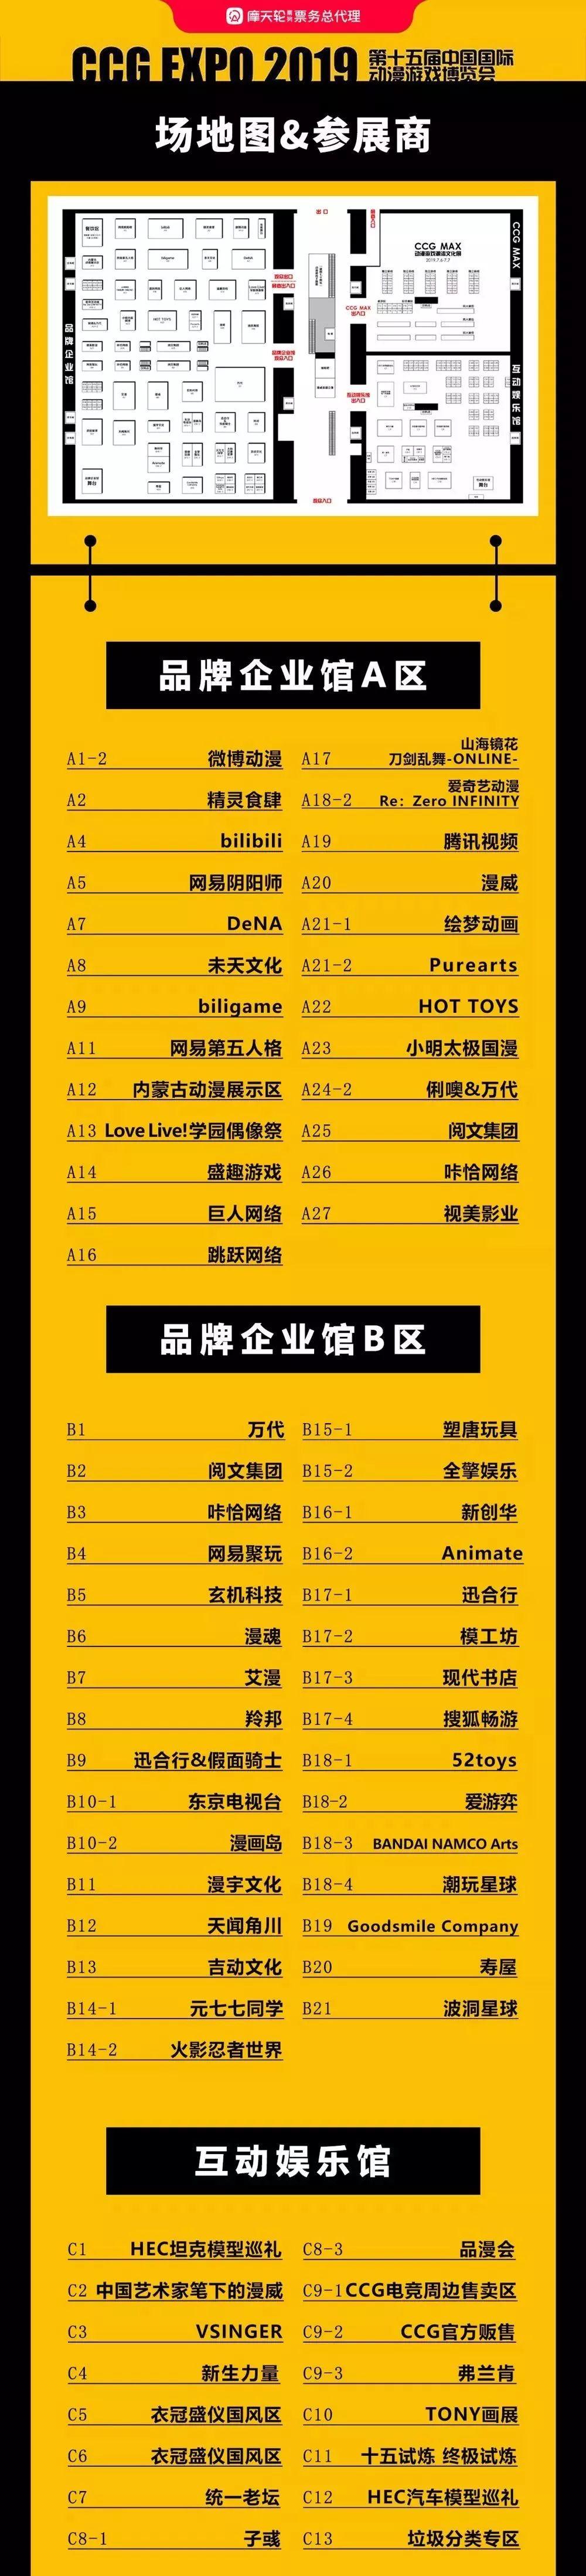 【福利】跟着小文去看展|第十五届中国国际动漫游戏博览会